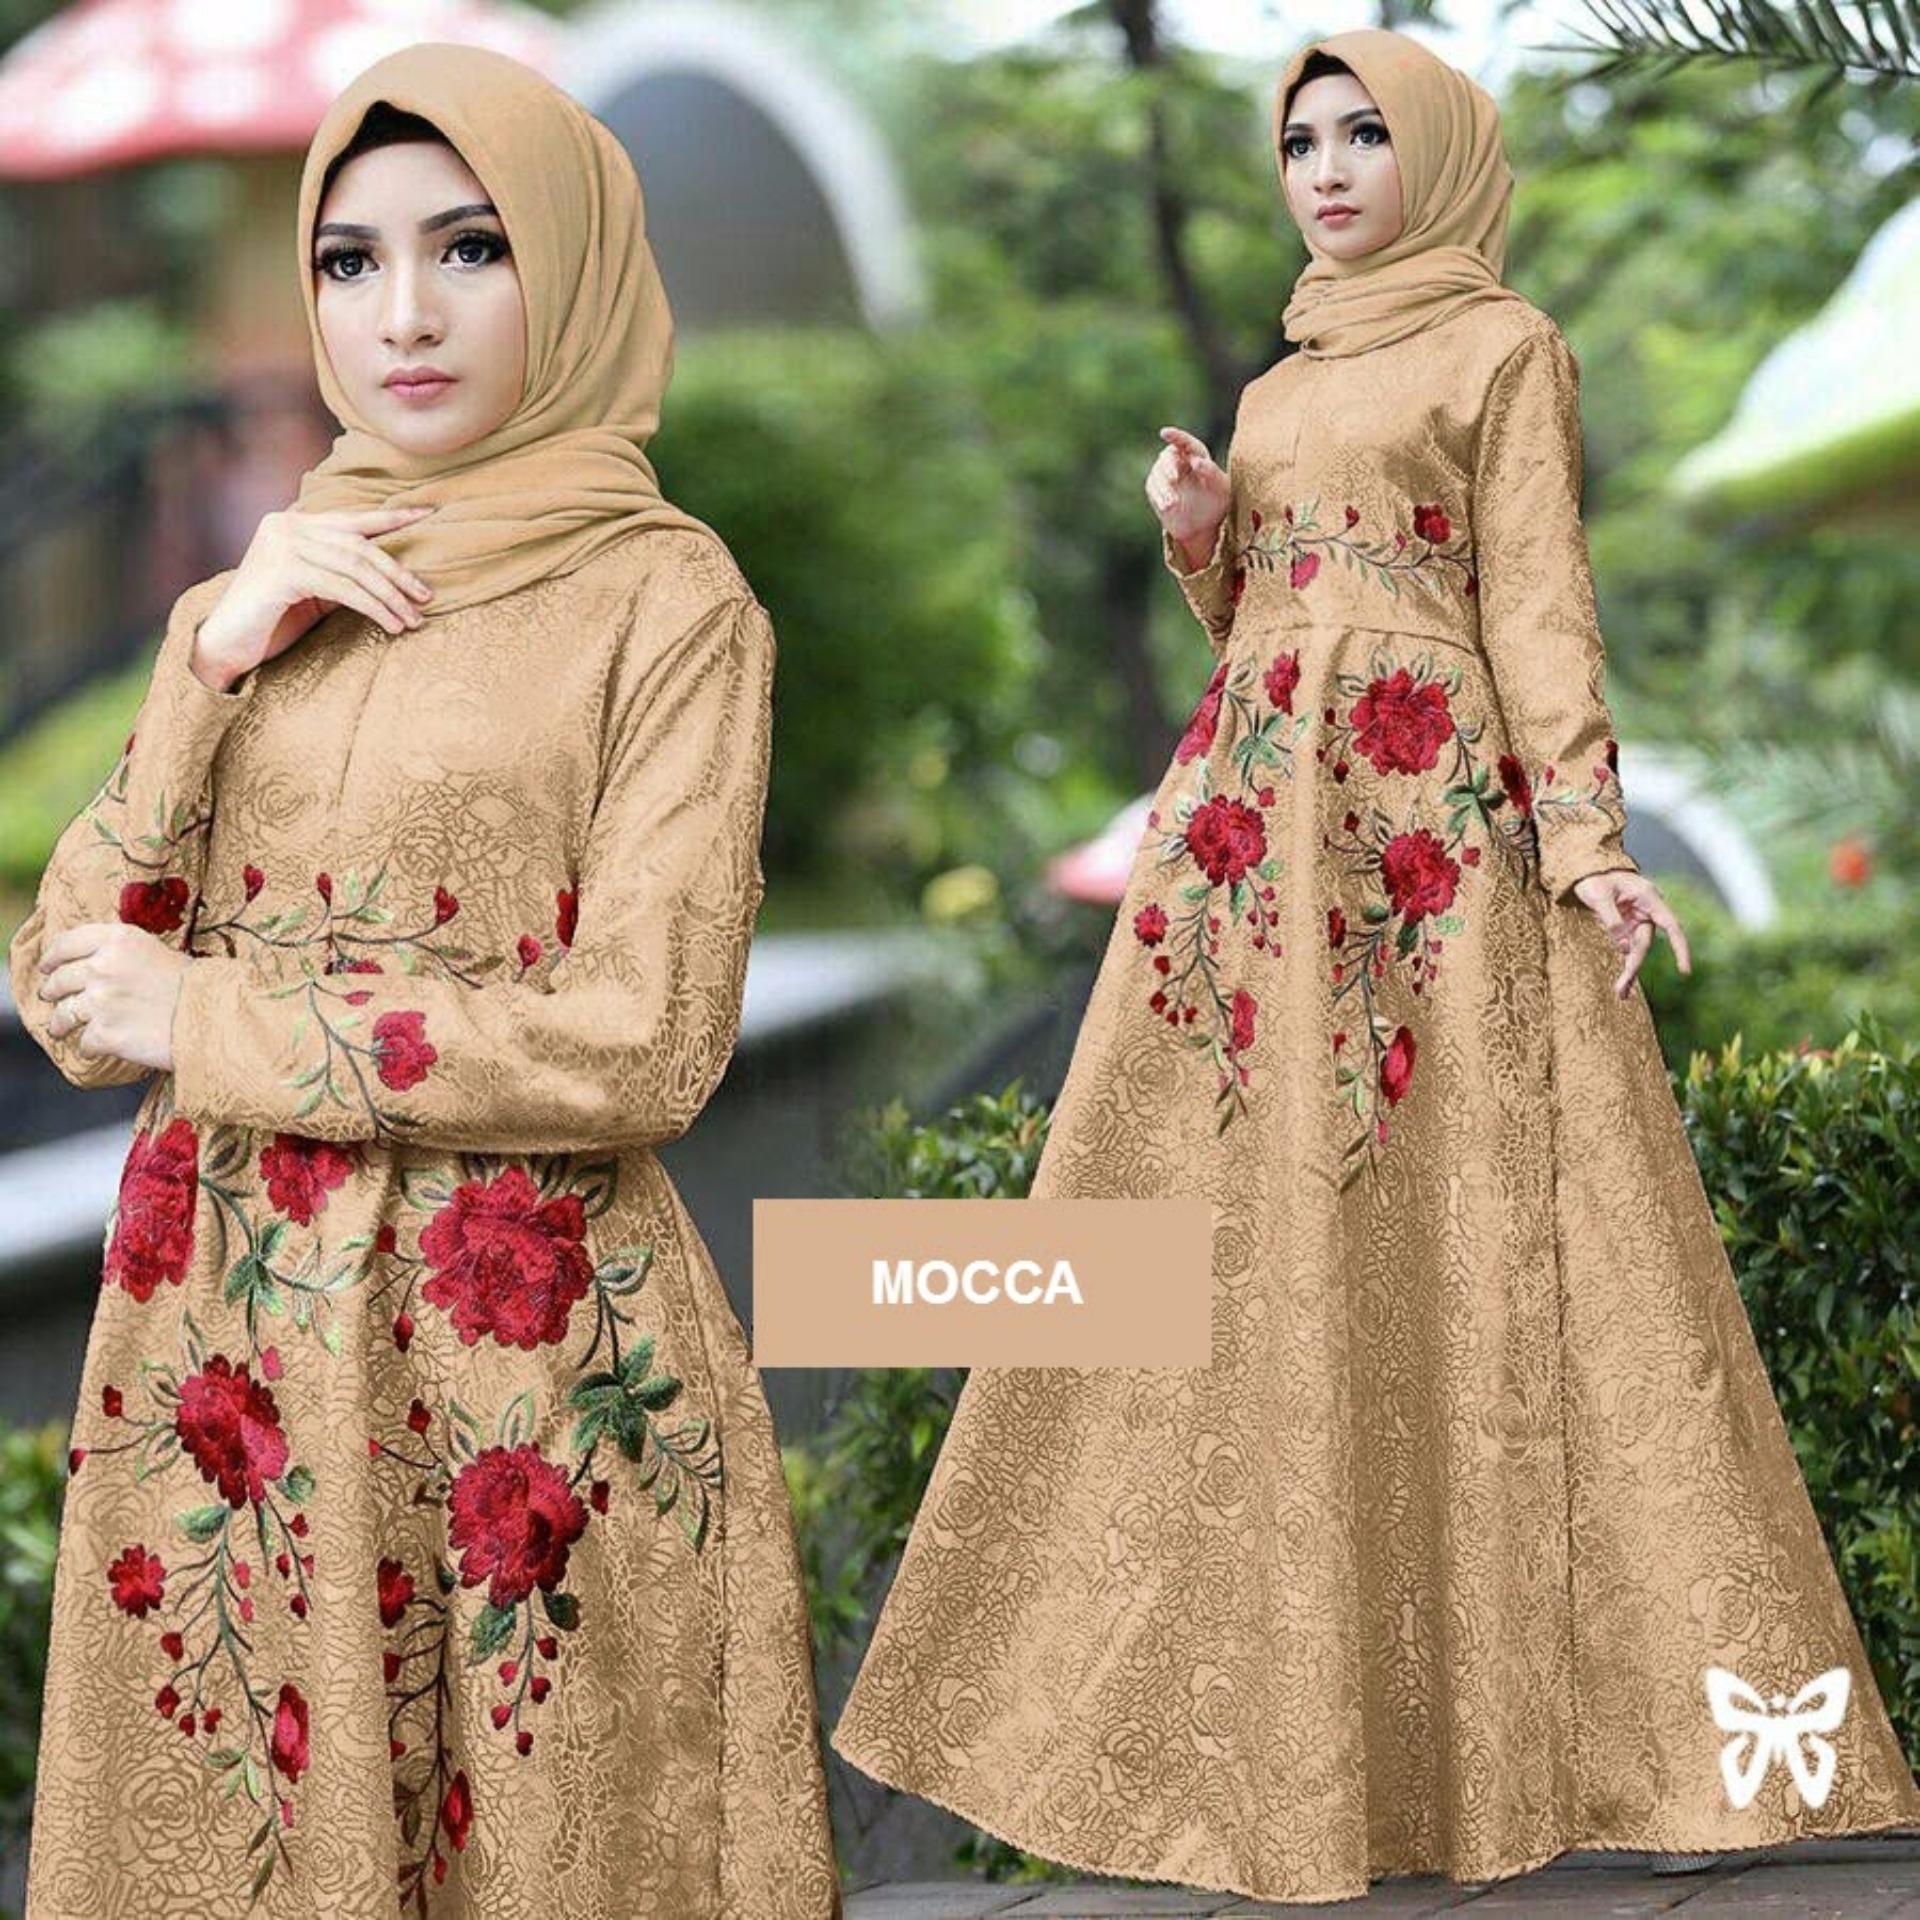 1e7e80904c879f43394092c43e598c2f 10 List Harga Gaun Muslim Tuk Pesta Terbaru saat ini